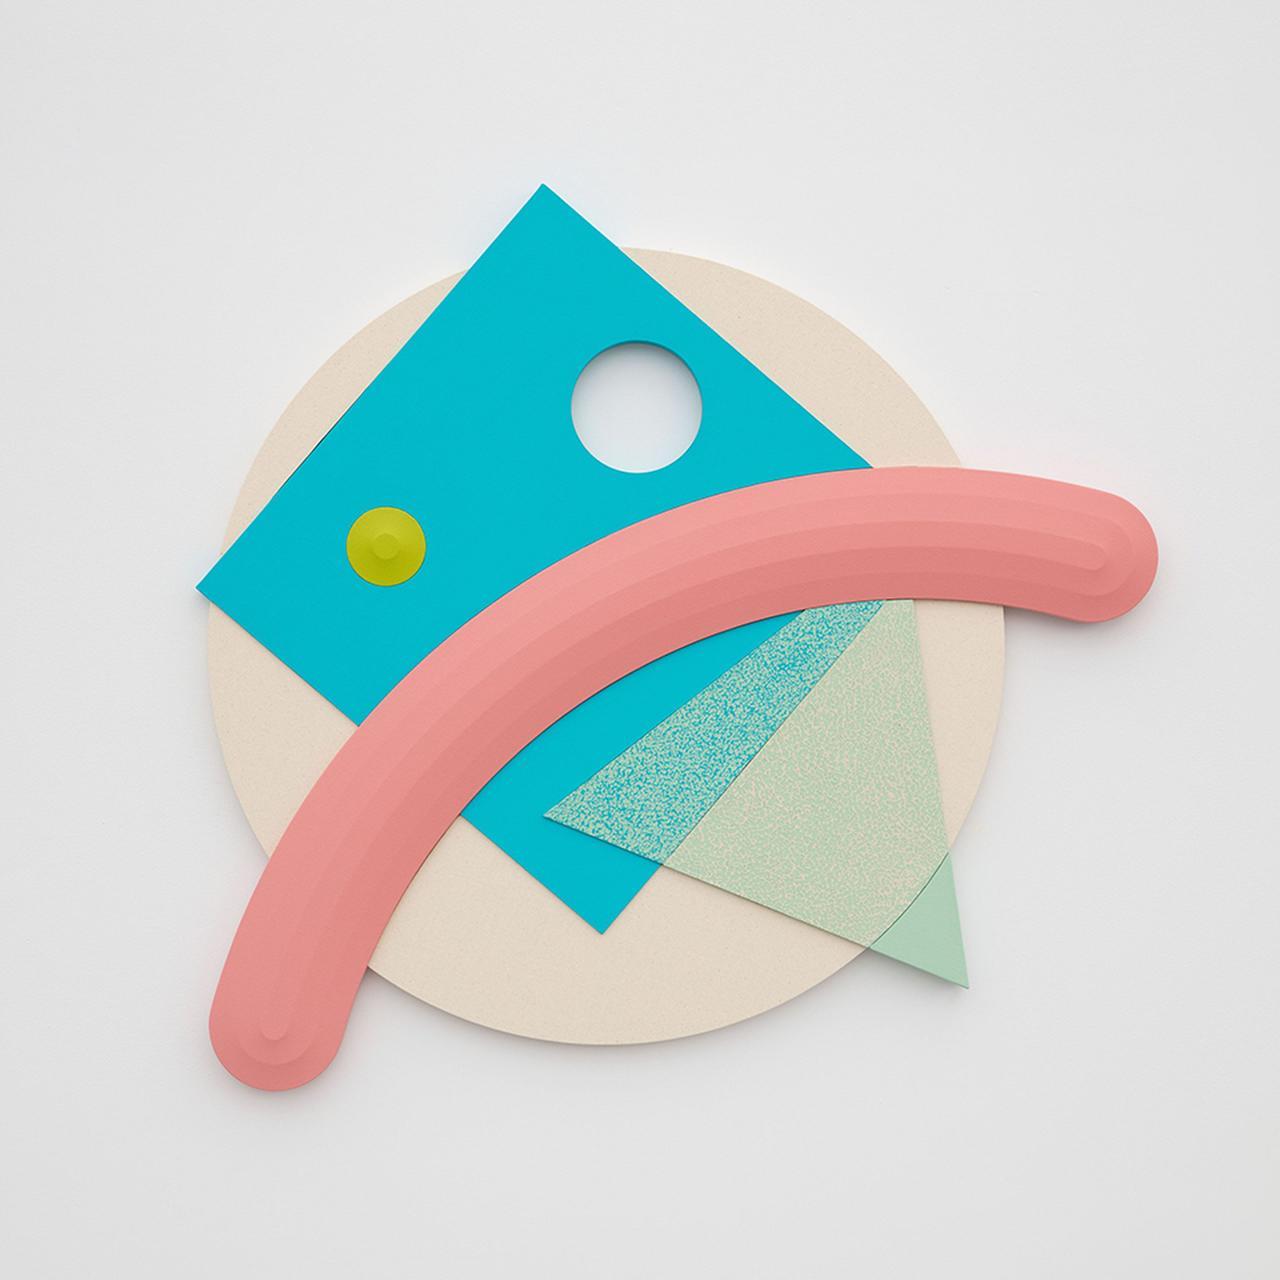 Images : 9番目の画像 - 「色彩とかたちをあやつる ジョシュ・スパーリングの 新しい抽象芸術」のアルバム - T JAPAN:The New York Times Style Magazine 公式サイト